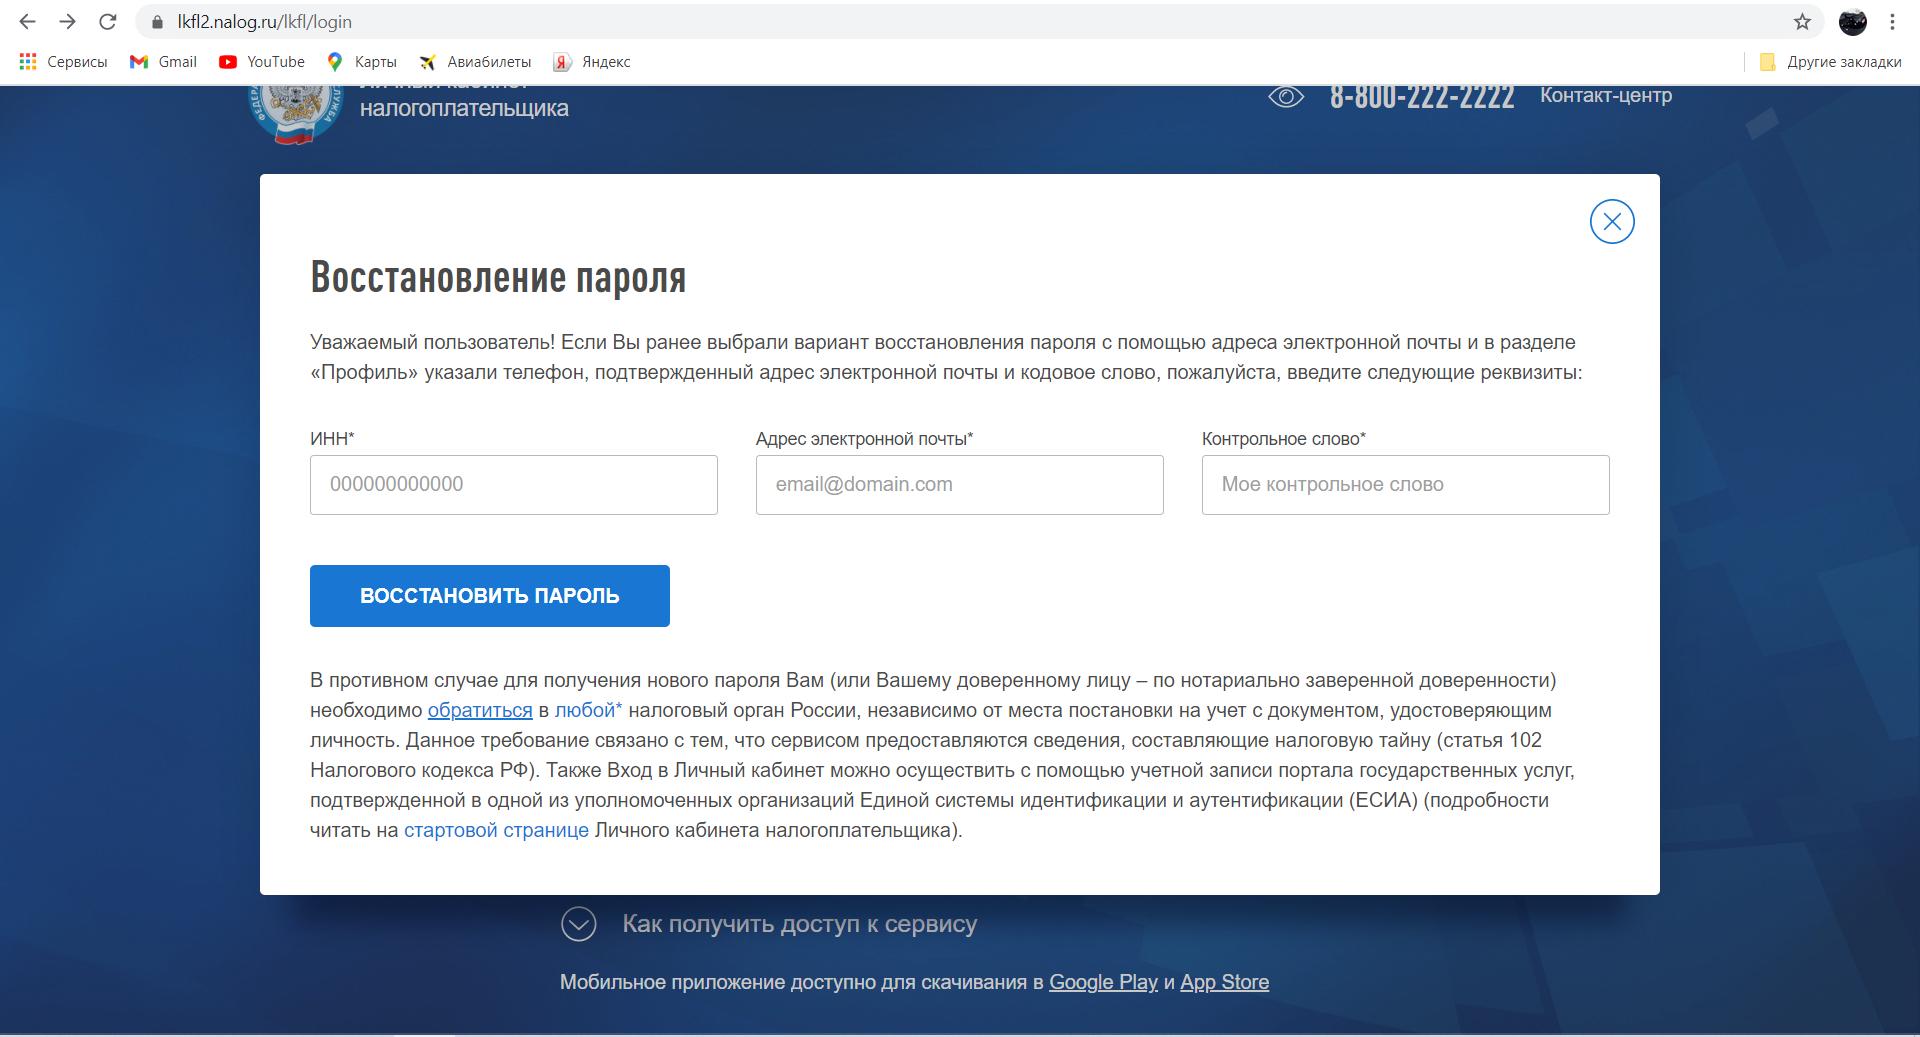 восстановление пароля от лк налогоплательщика